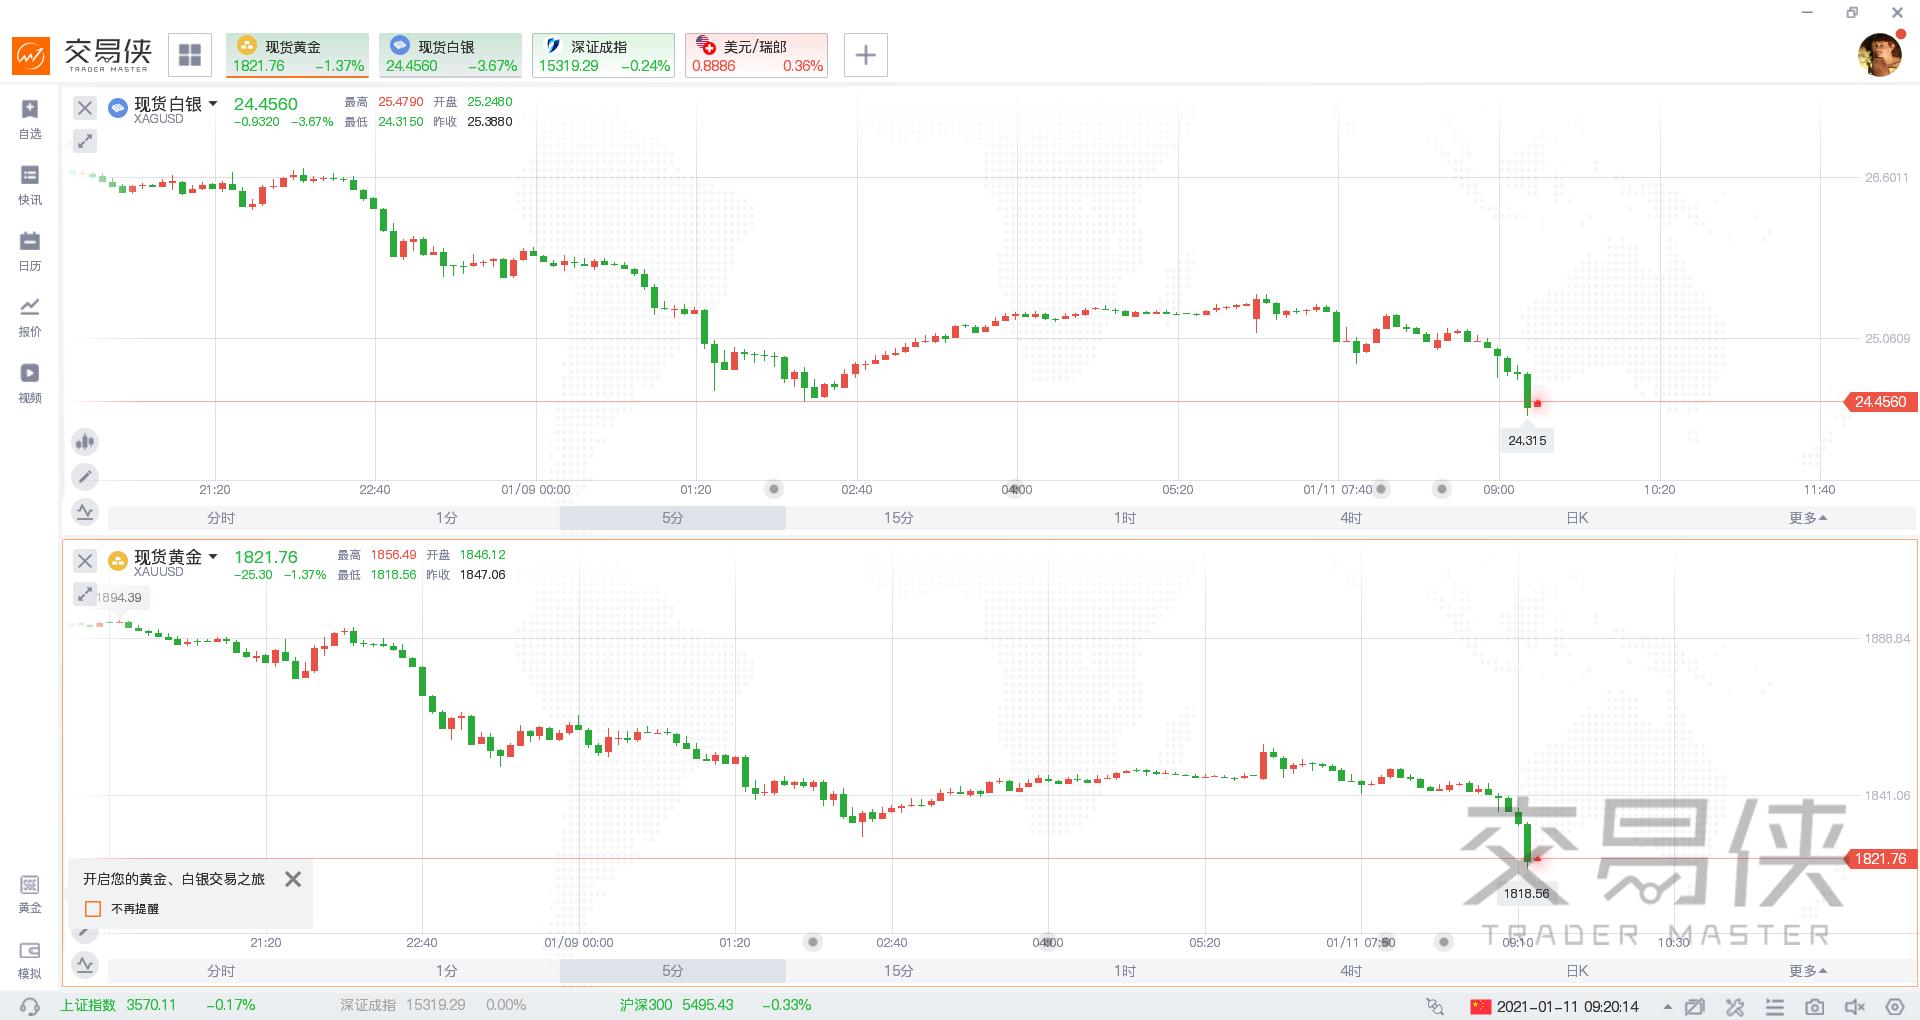 突发!现货黄金跌破1820,白银重挫4%,暴跌才刚刚开始?